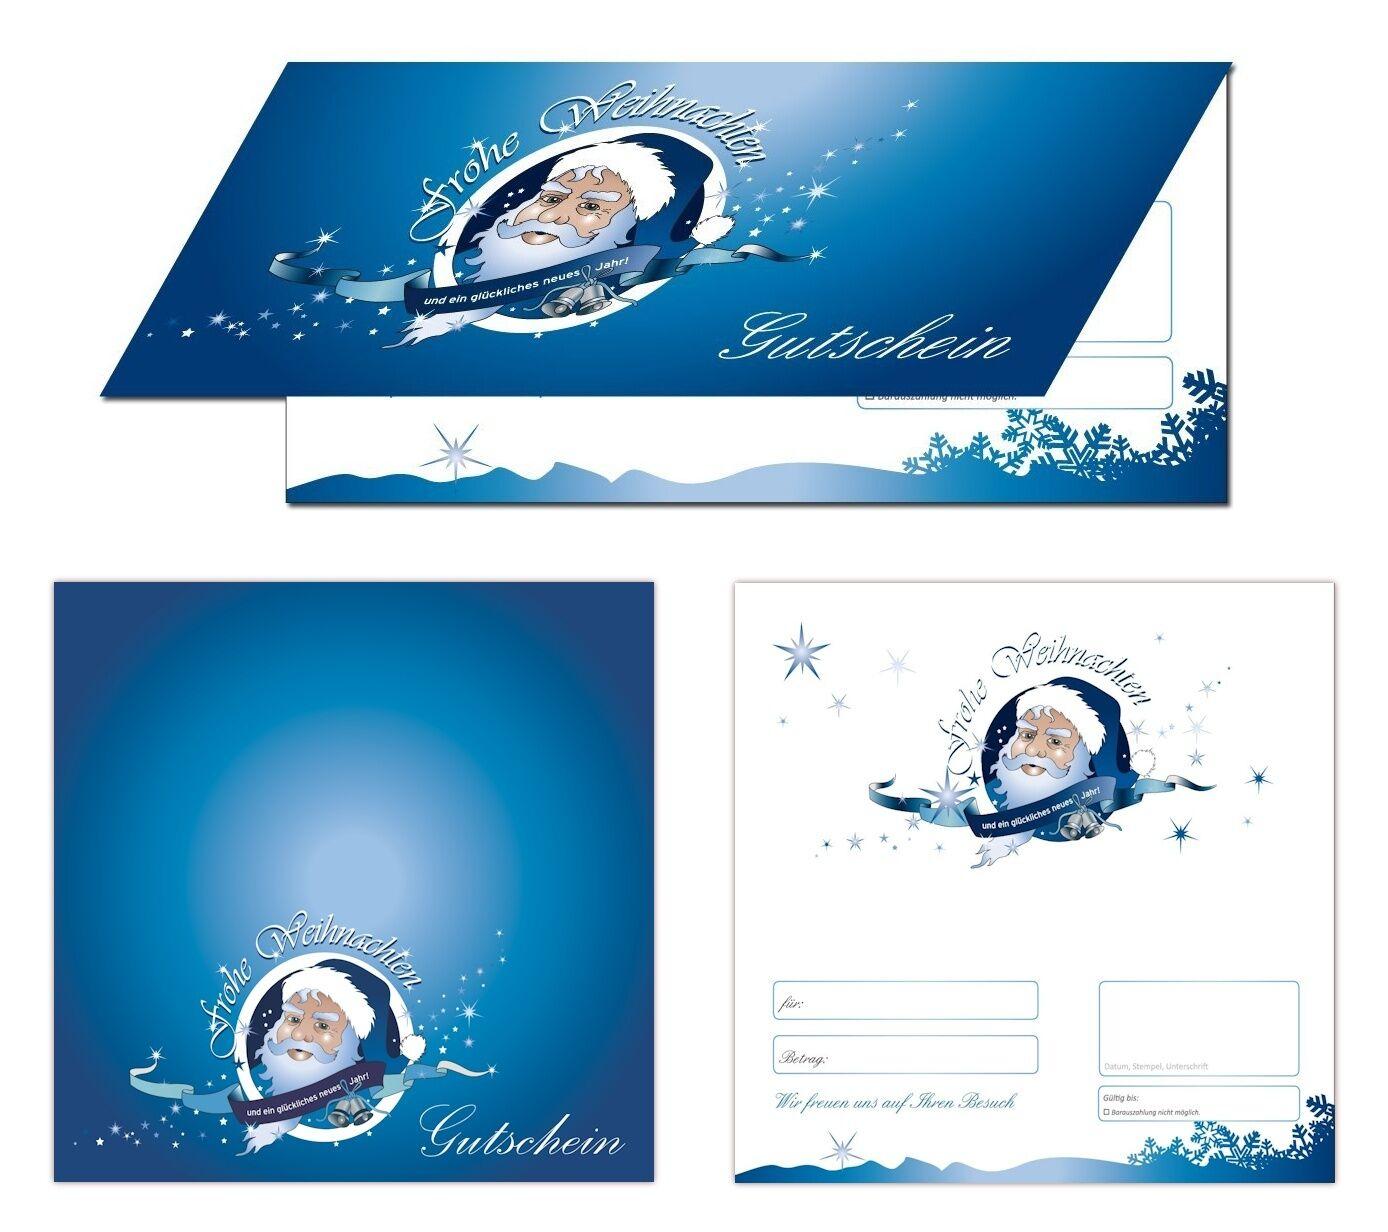 200 x Premium Geschenkgutscheine blau Klappkarten Weihnachten Weihnachtsmann | Grüne, neue Technologie